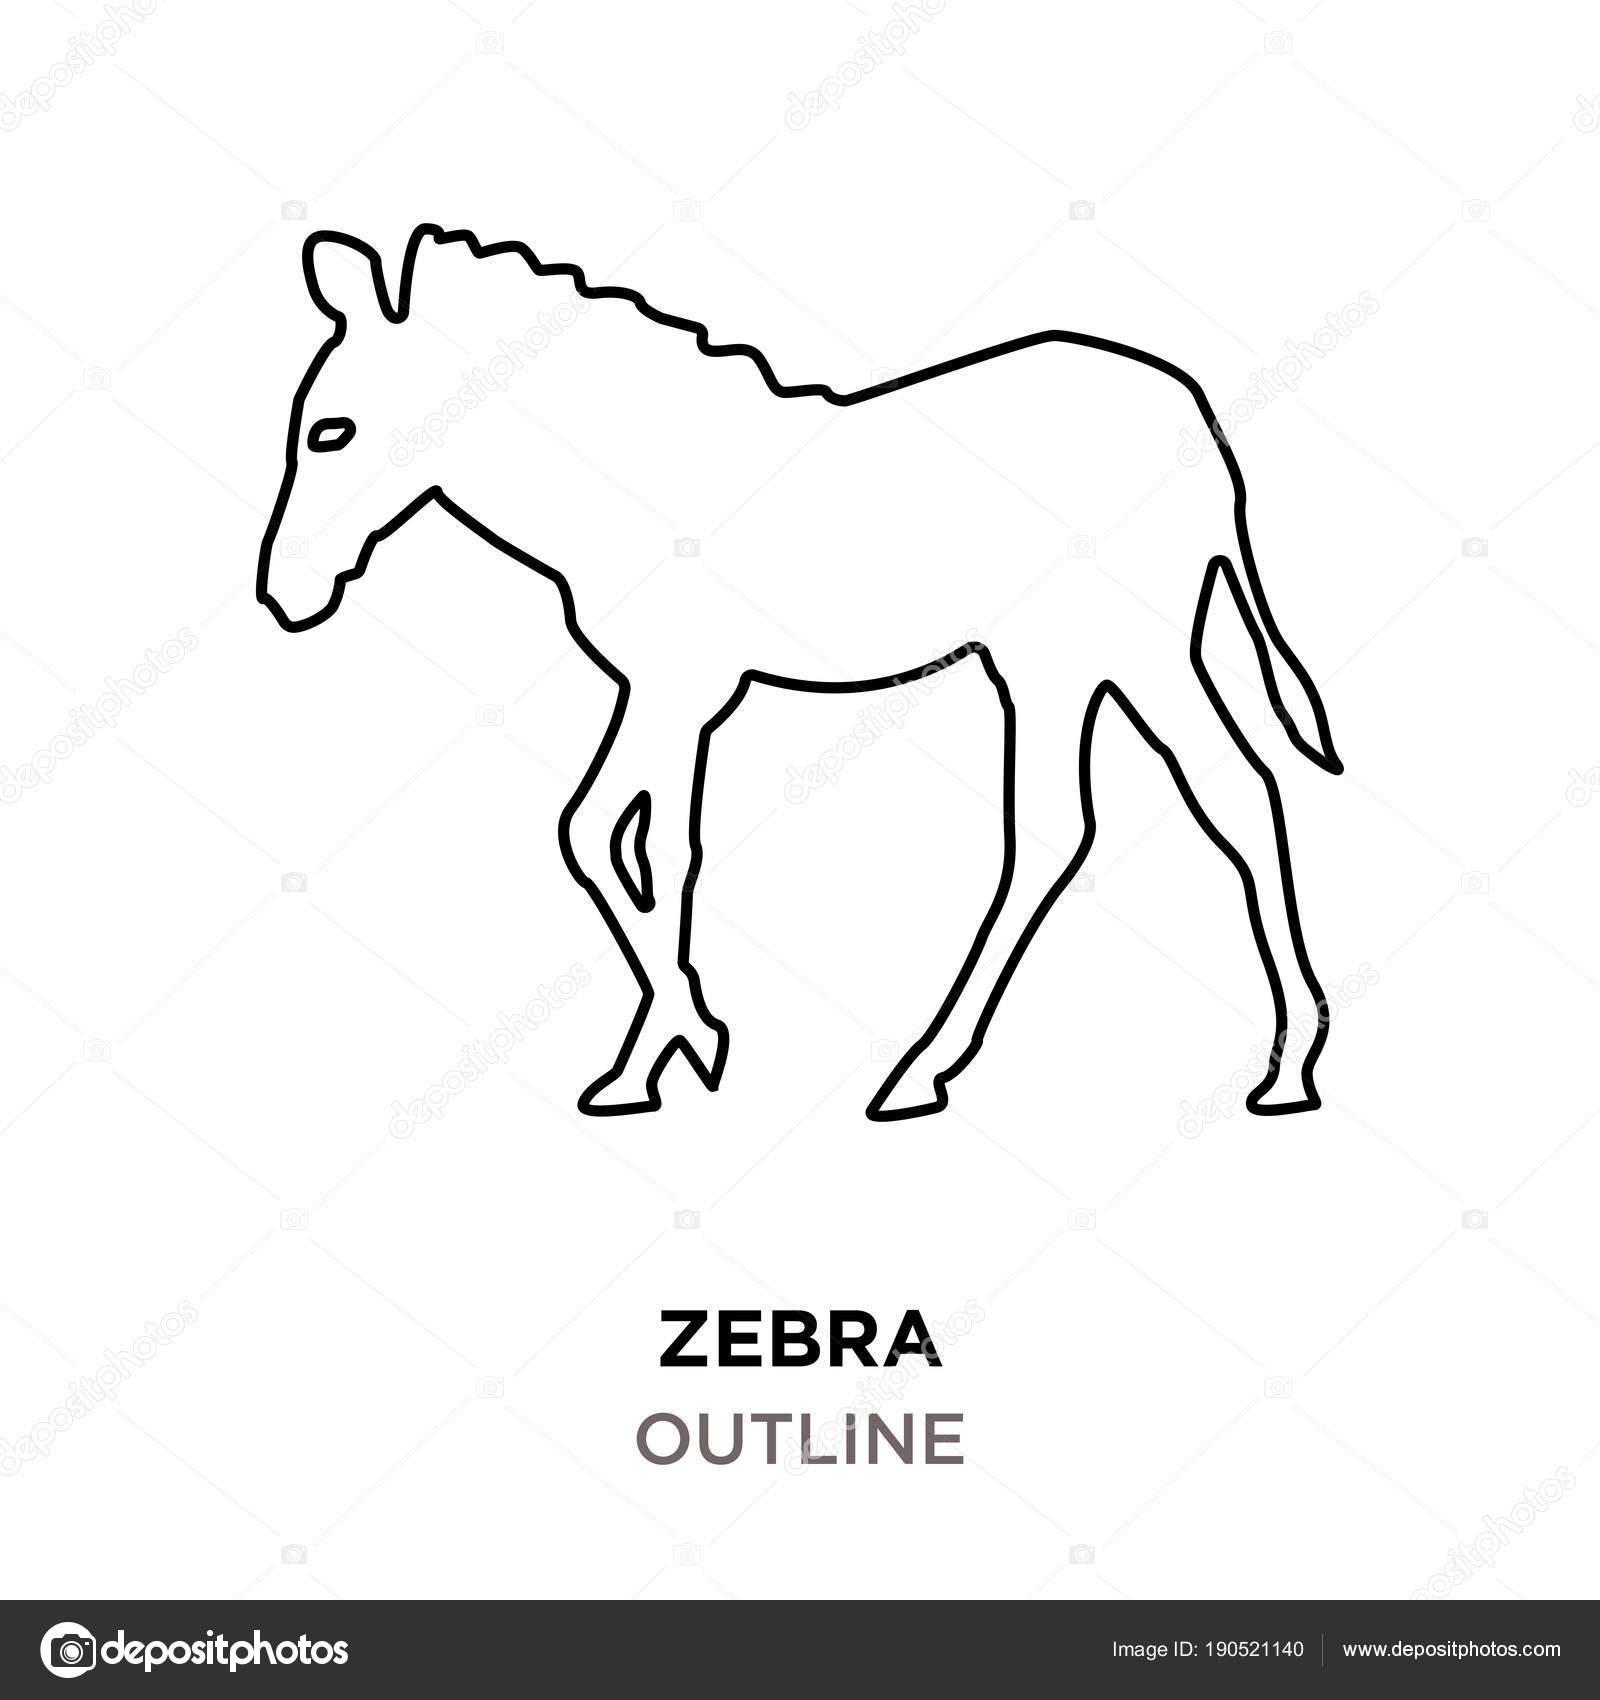 Zebra Images Outline